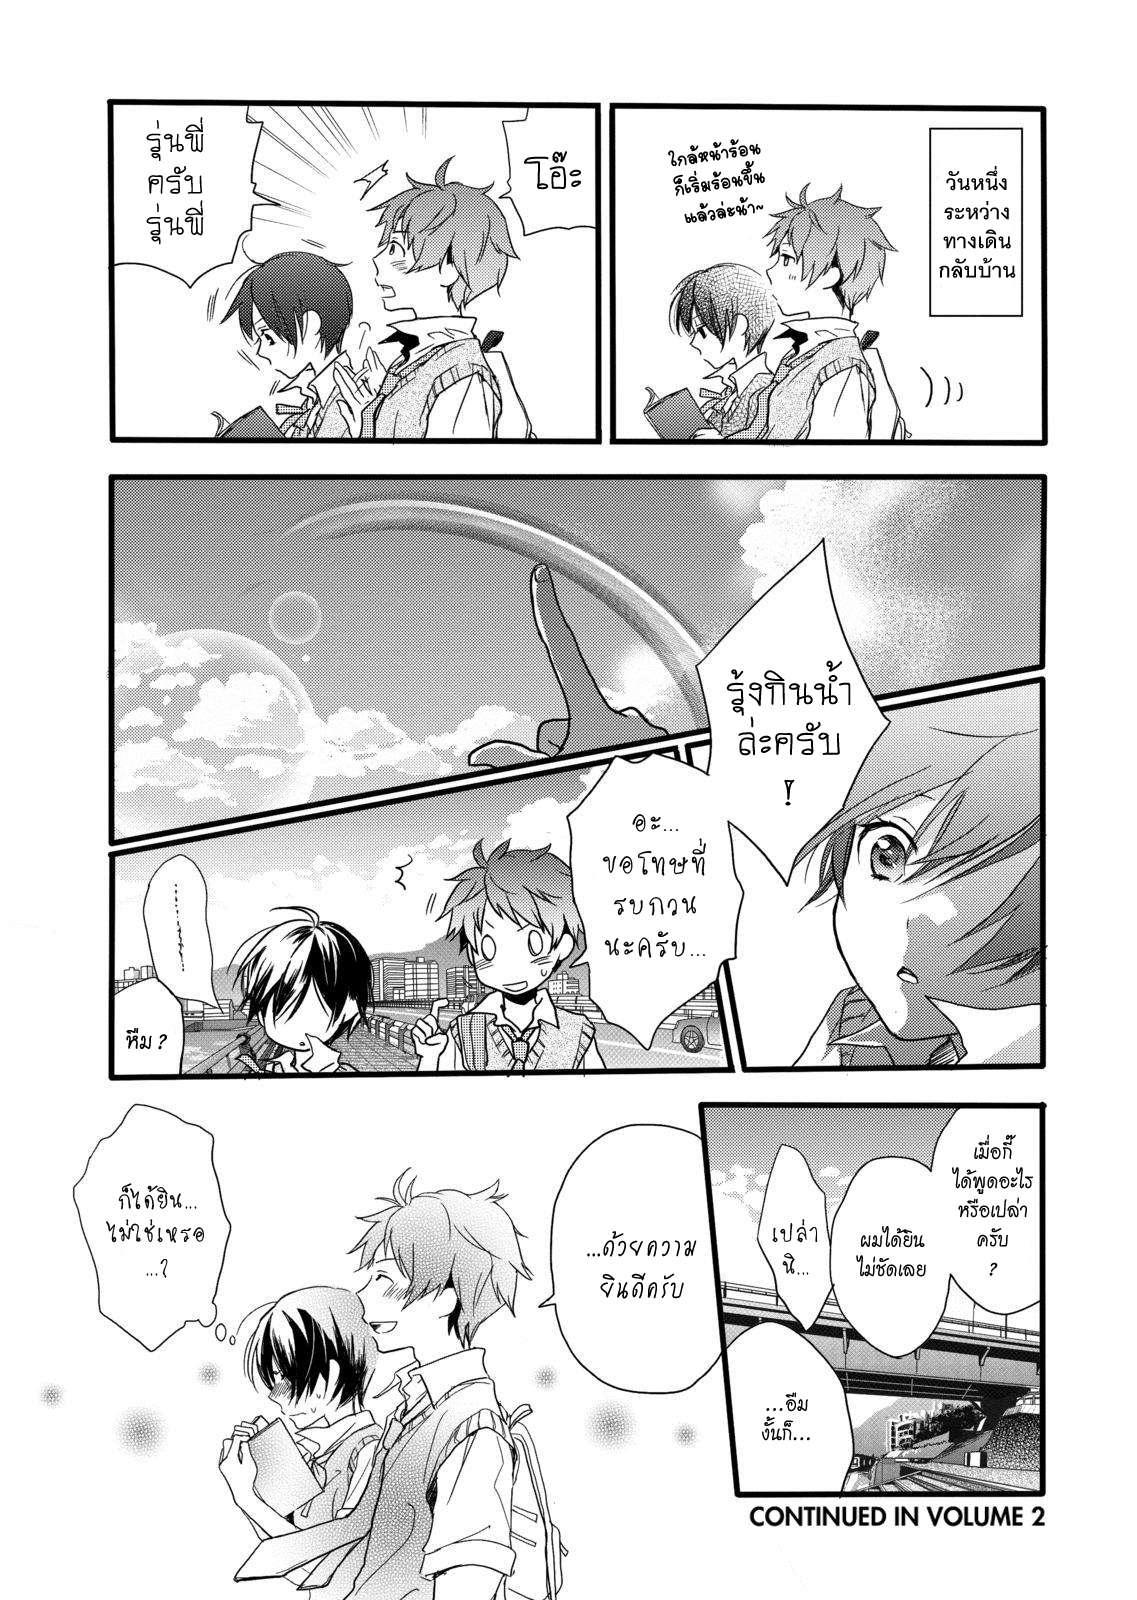 อ่านการ์ตูน Bokura wa Minna Kawaisou ตอนที่ 11 หน้าที่ 19